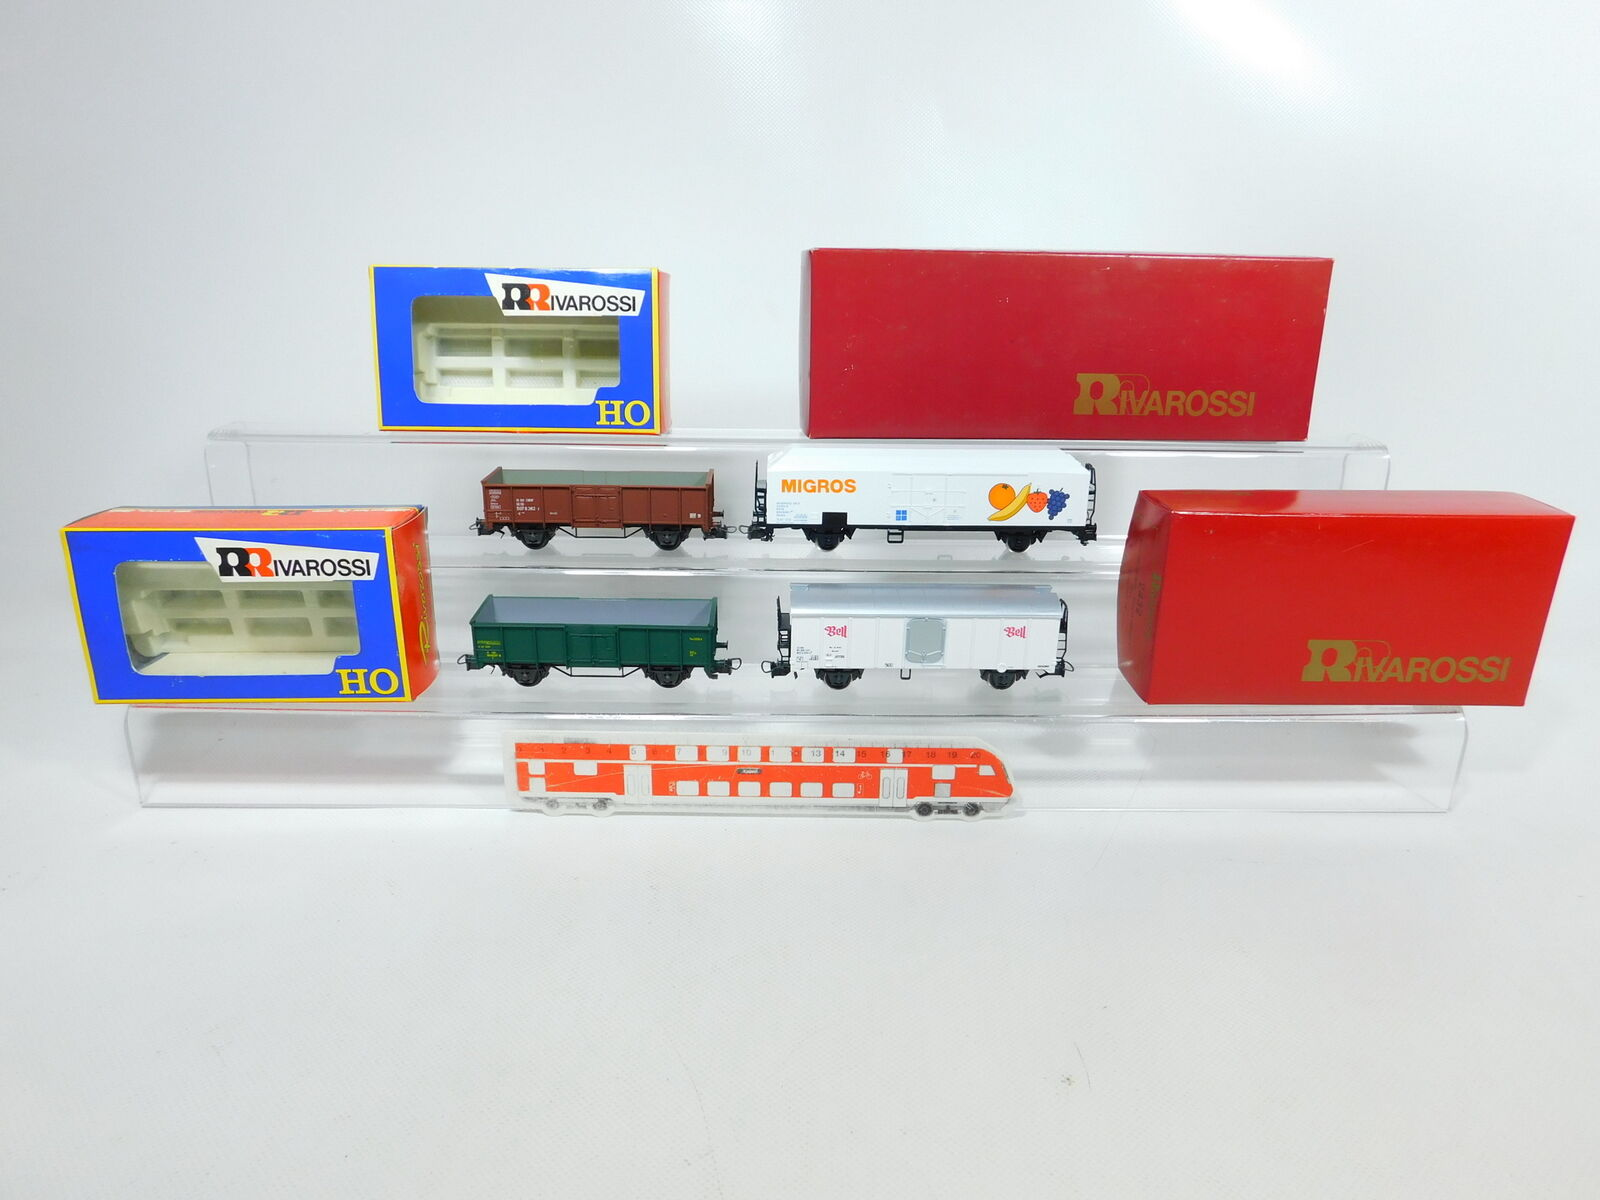 venta mundialmente famosa en línea BV680-1 BV680-1 BV680-1  4x Rivarossi H0   Dc Vagón   69 DB + 2432 SBB + 66 Sncb + 2106 FS,Nuevo  envío rápido en todo el mundo